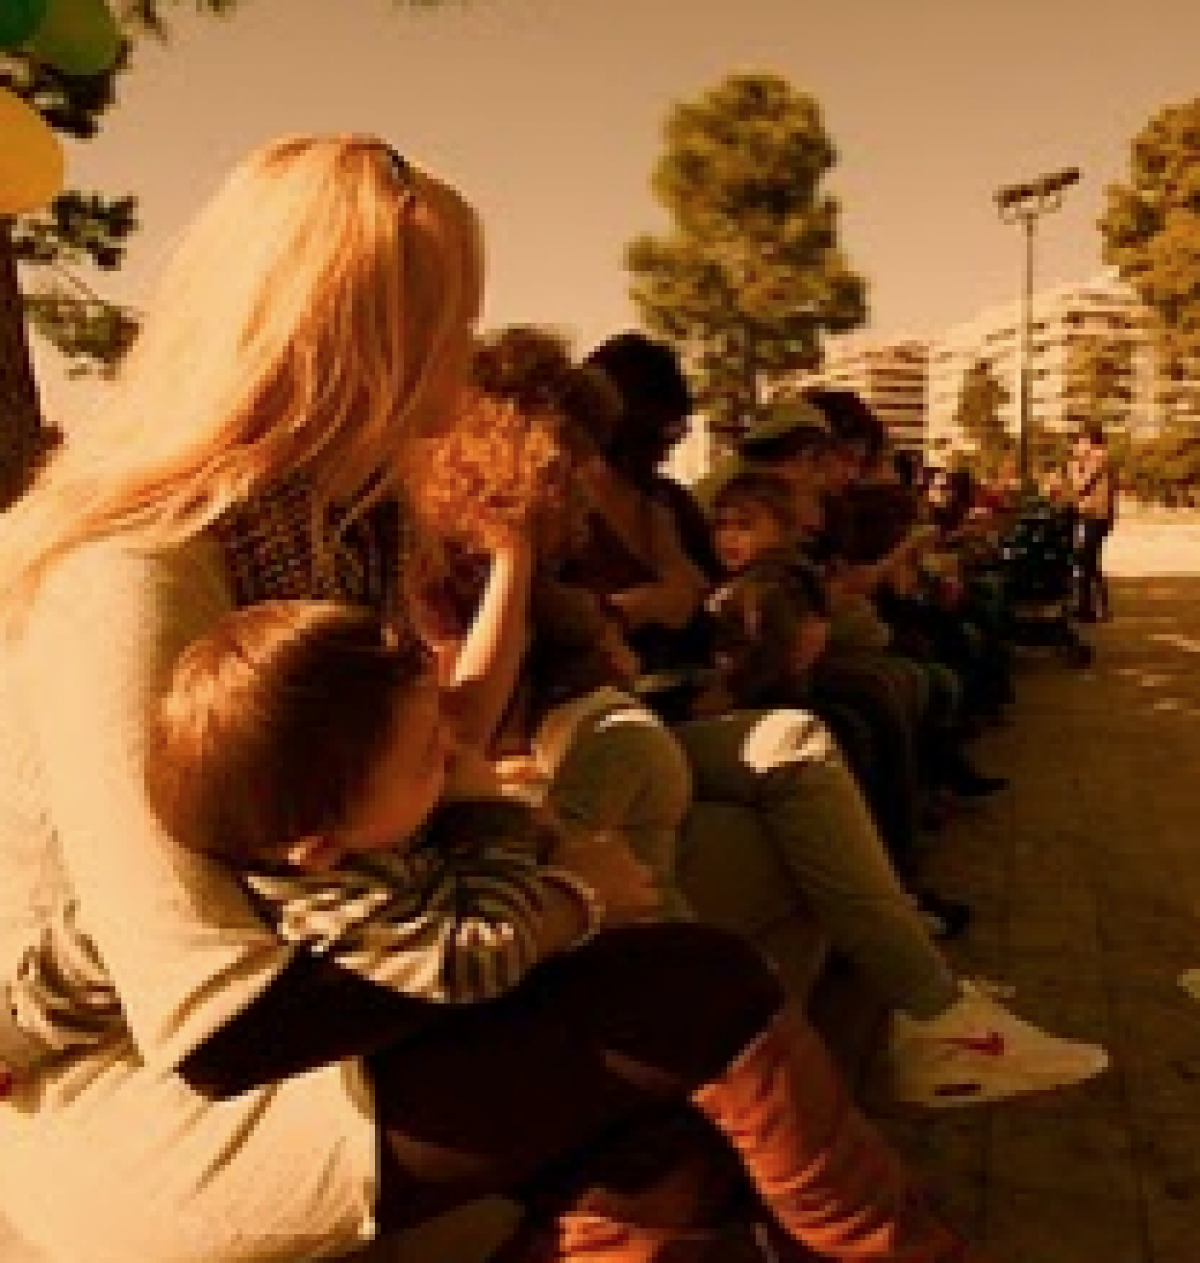 Εικόνες από την εκδήλωση ταυτόχρονου δημόσιου θηλασμού στην Θεσσαλονίκη!